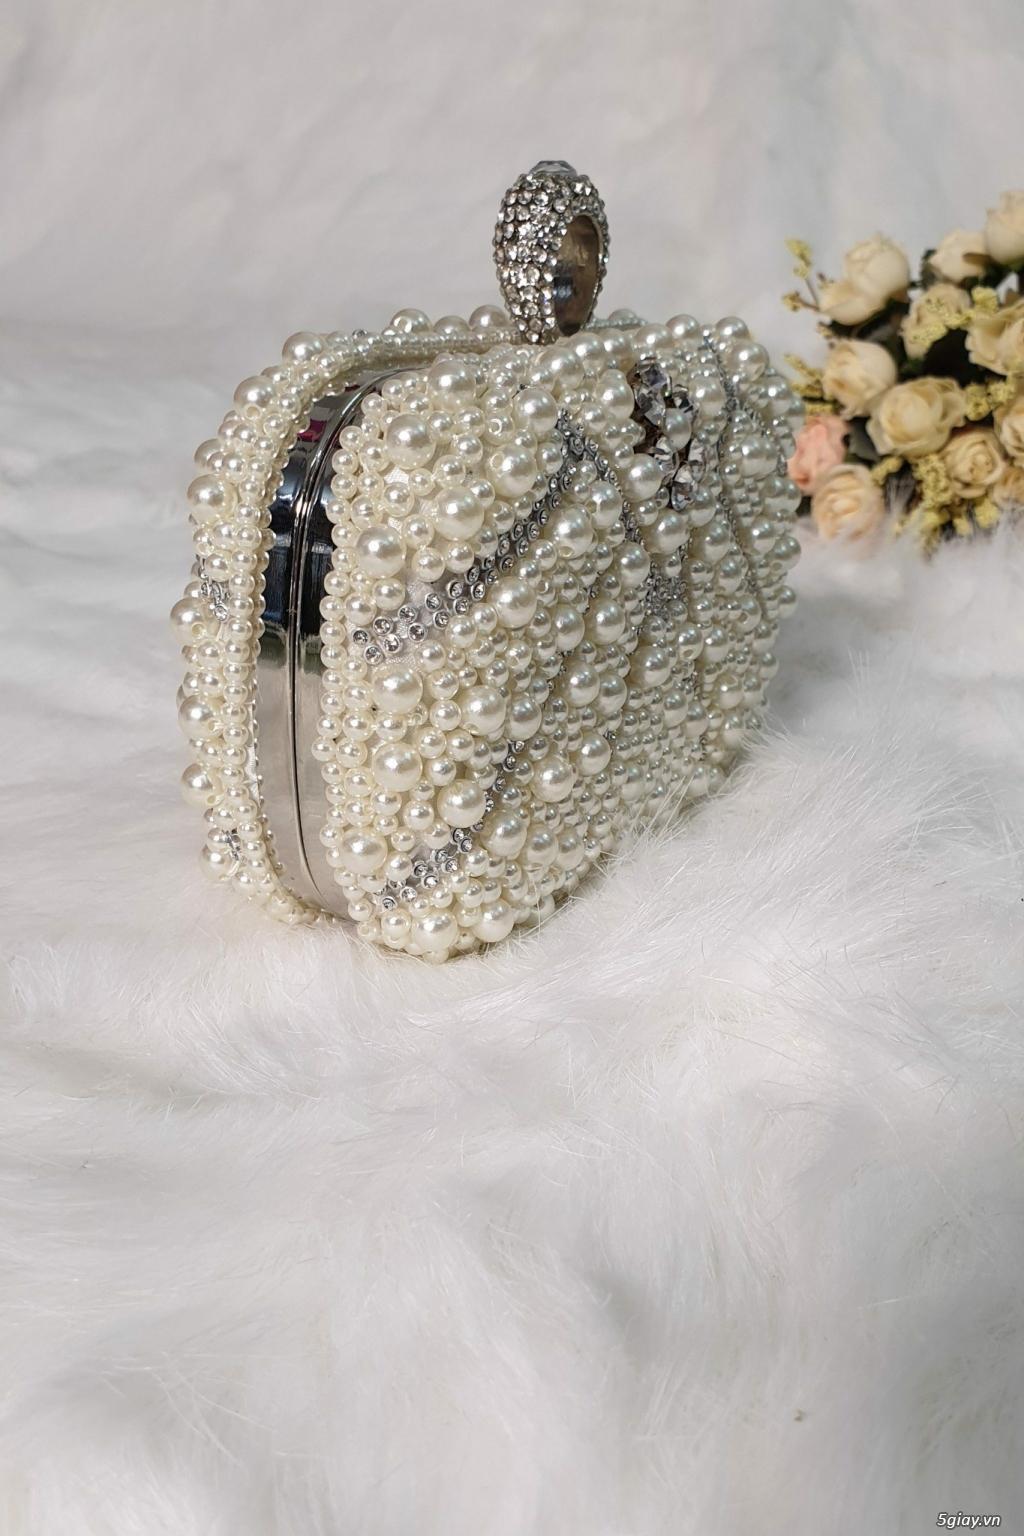 Wal House Fashion - Bóp ví túi xách thời trang - Giá ưu đãi - 23